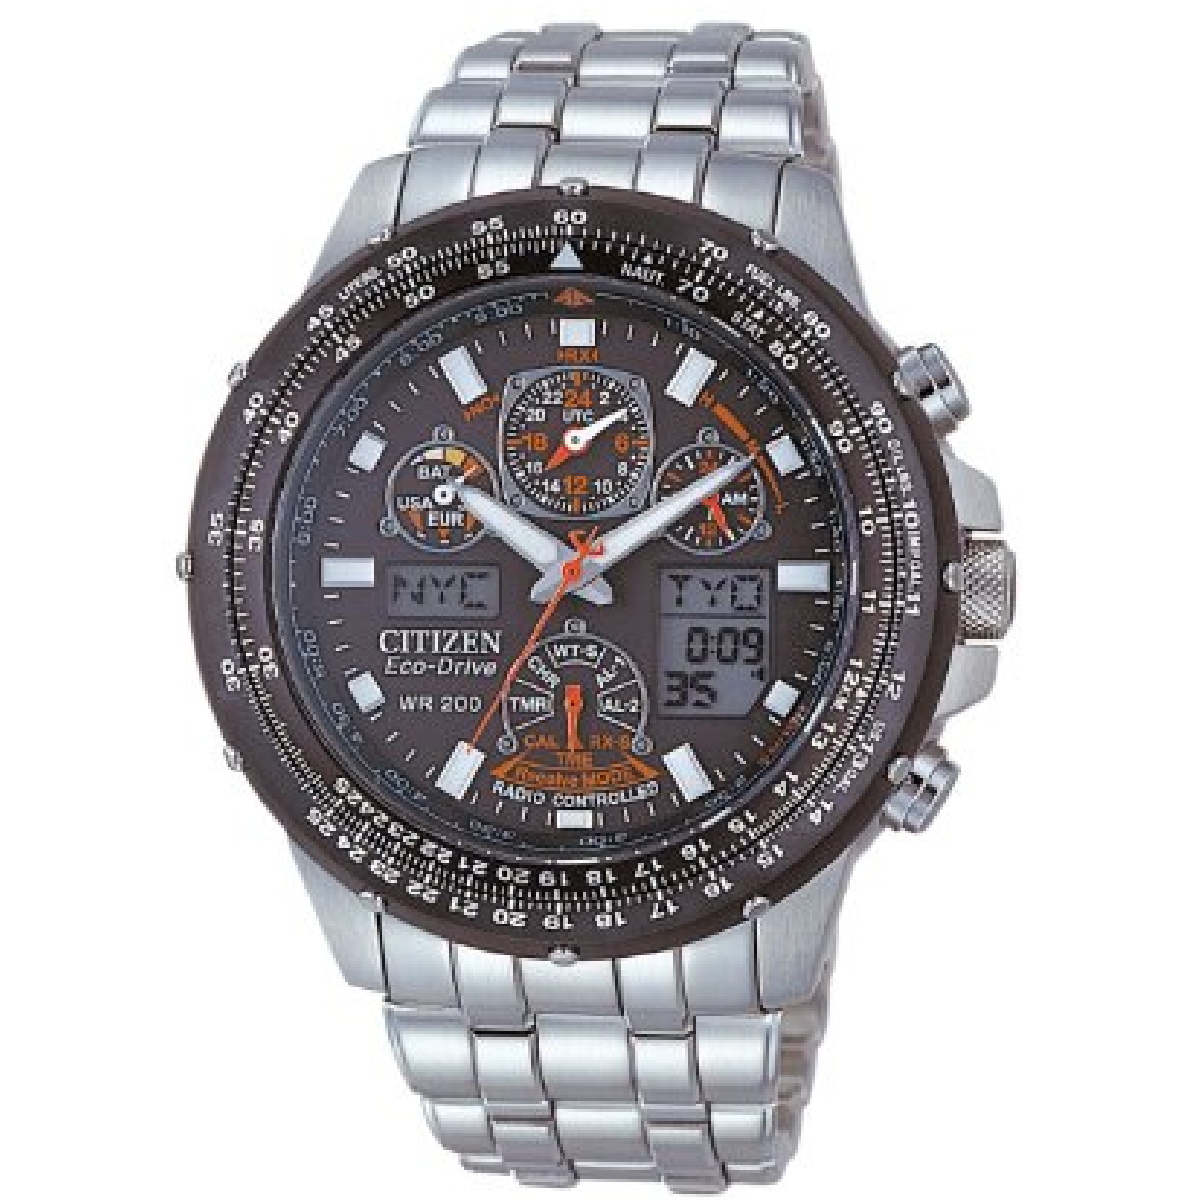 Les montres Citizen éco-drive n'on plus besoin de piles et pourraient durer pour l'éternité.